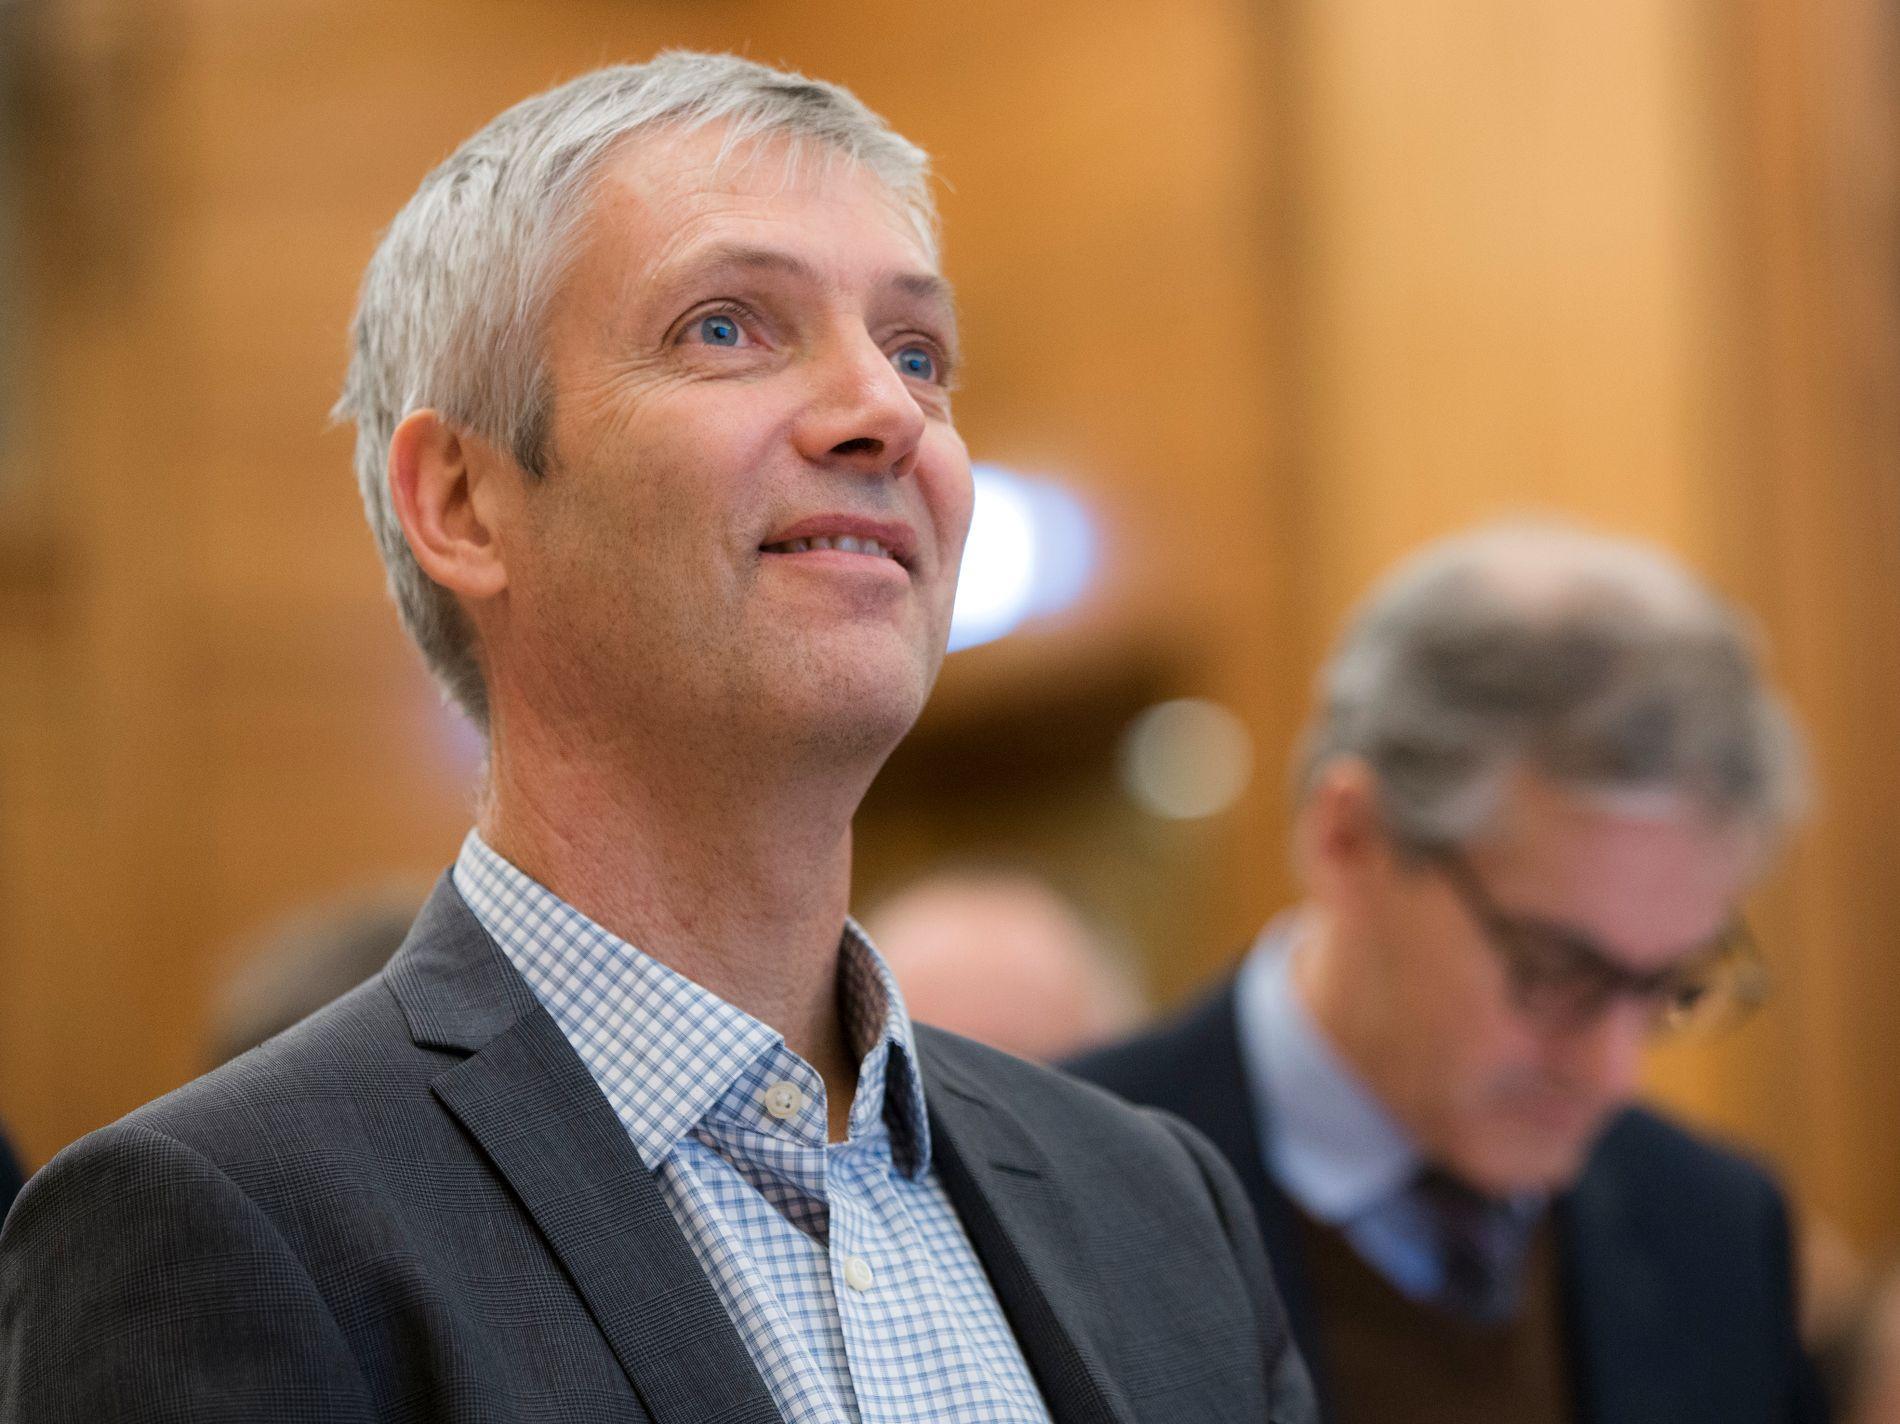 MER OPTIMISTISK: Professor Steinar Holden ved Universitetet i Oslo tror ikke lave boliglånsrenter har skapt store problemer for norsk økonomi enda.